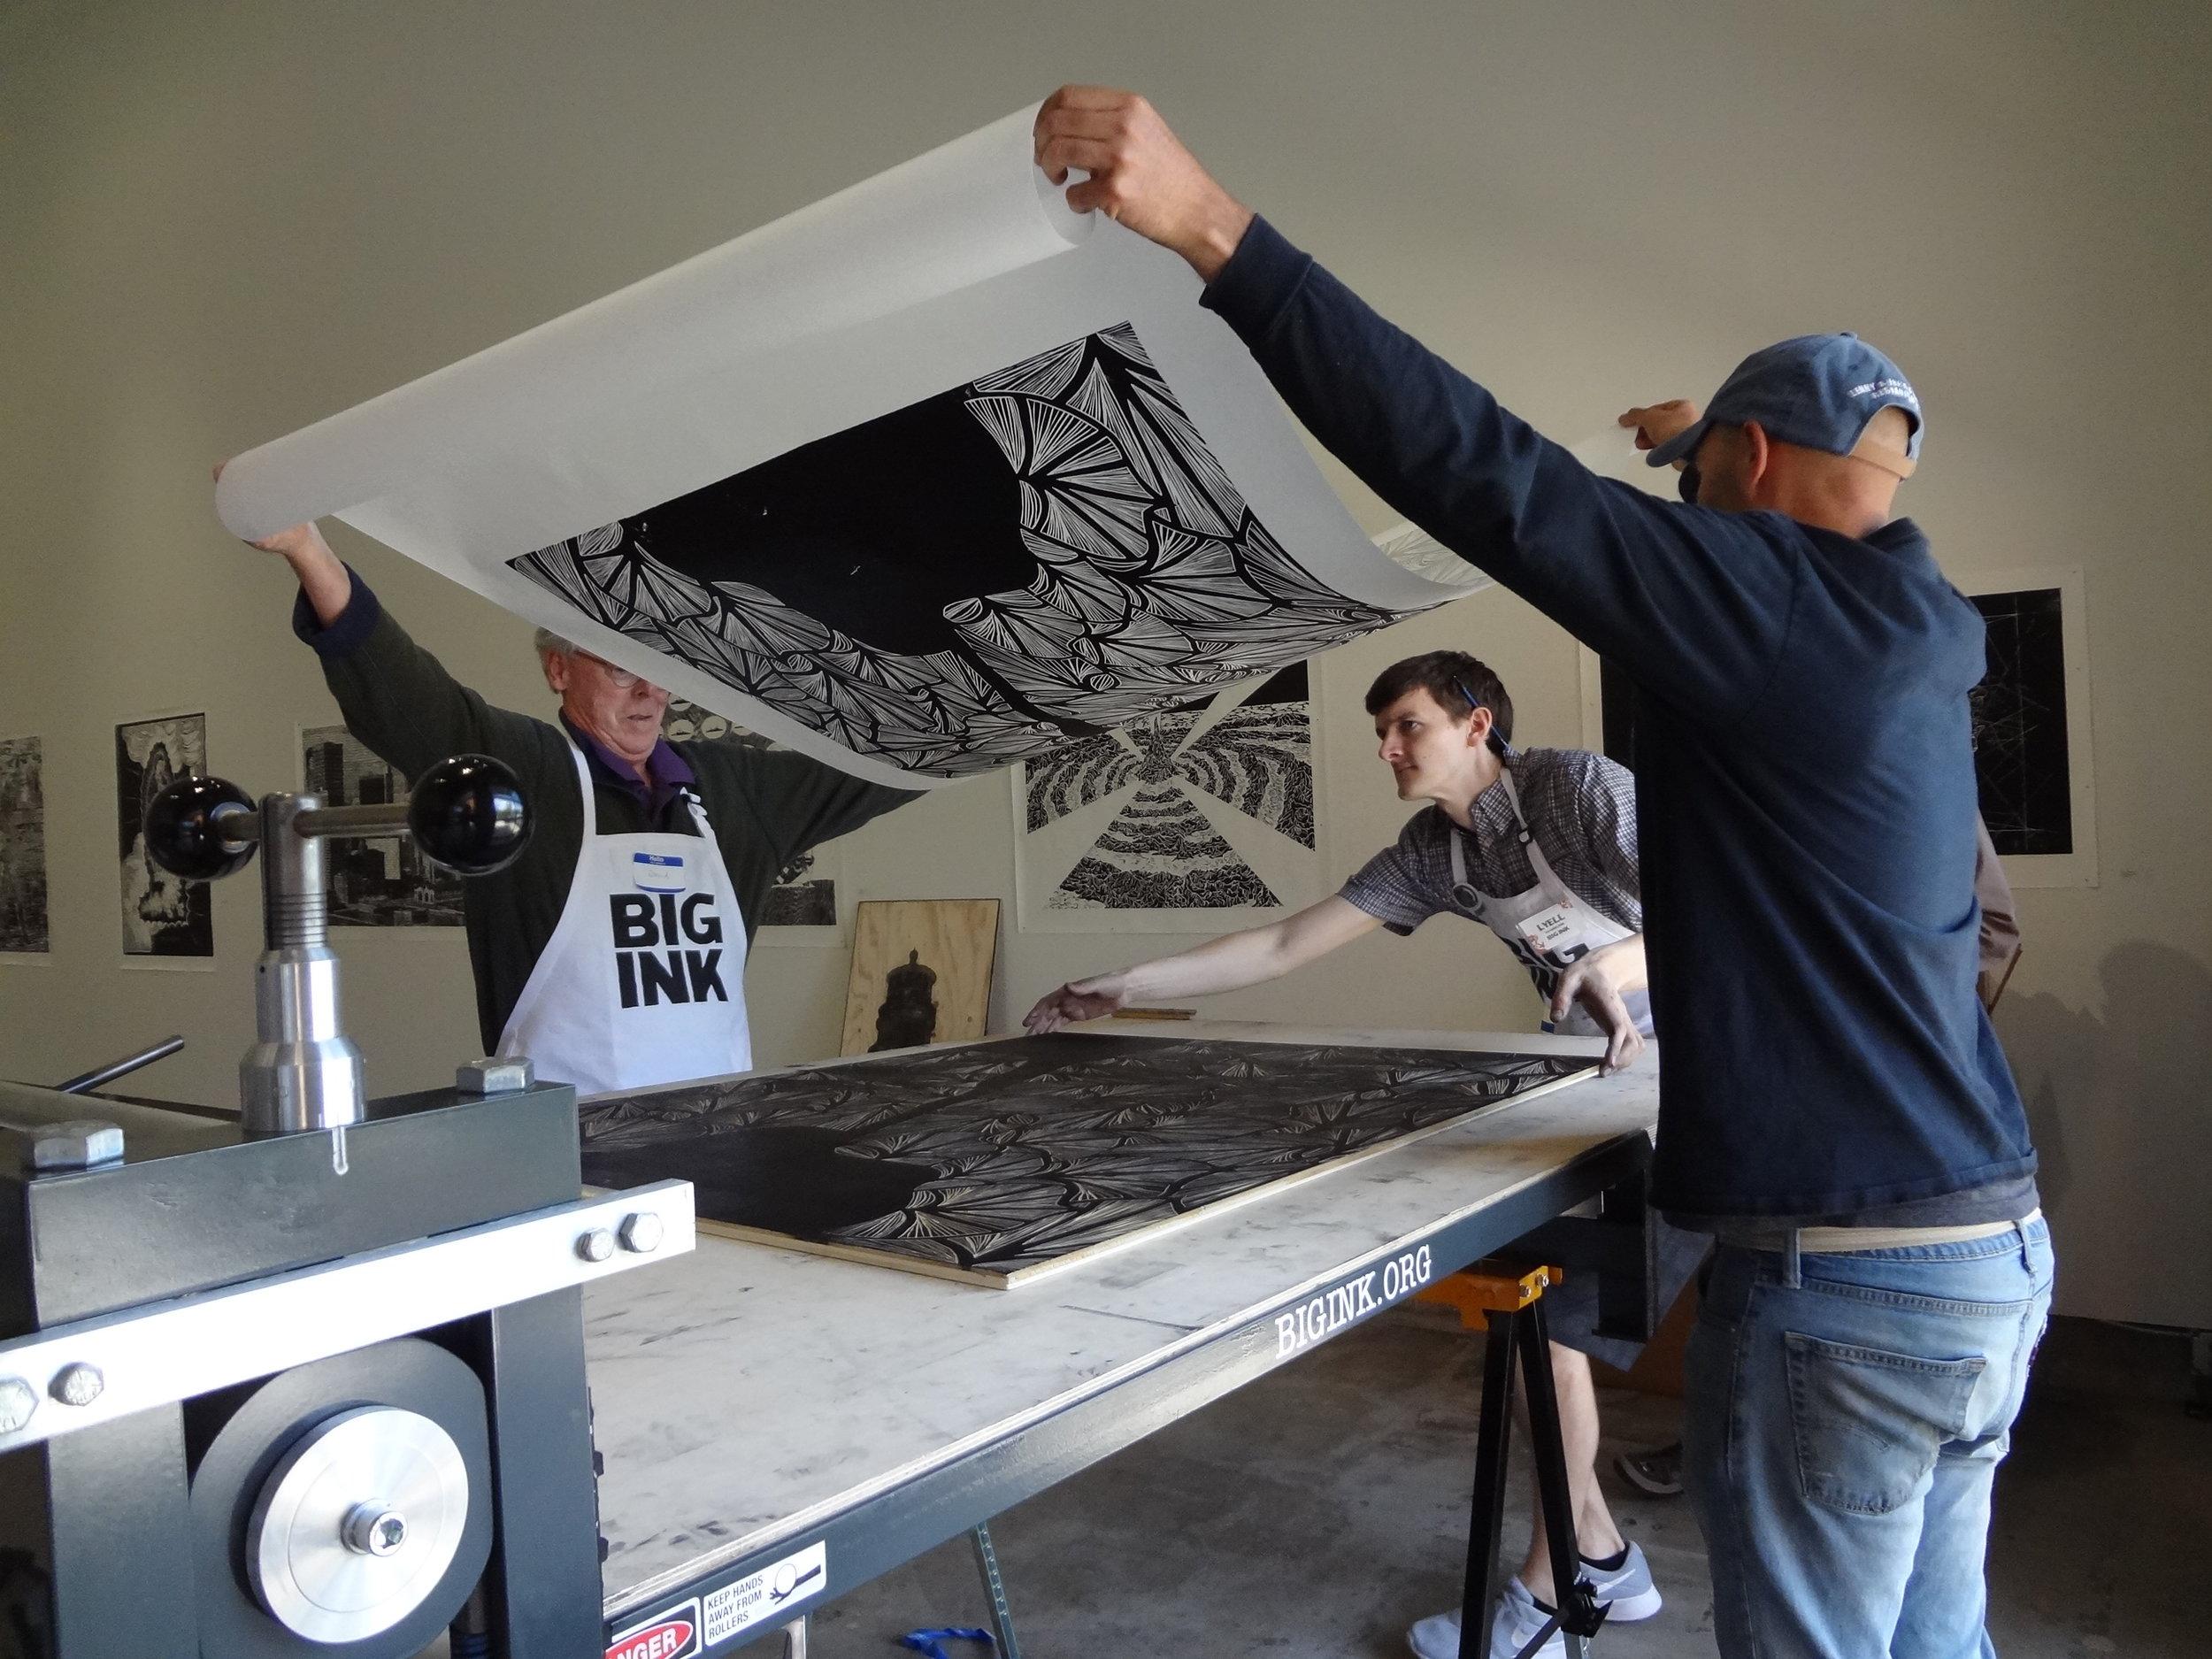 Printing a woodblock by Jenya Damsky